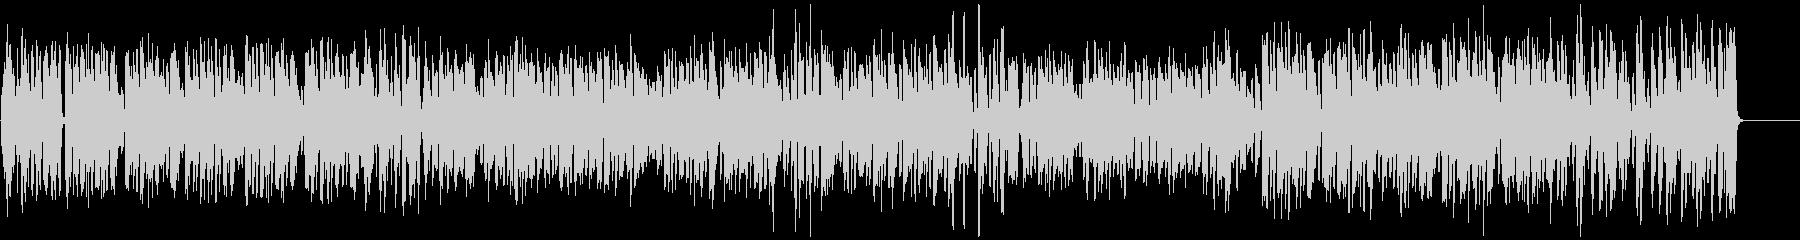 テンポ速めの「かたつむり」の未再生の波形